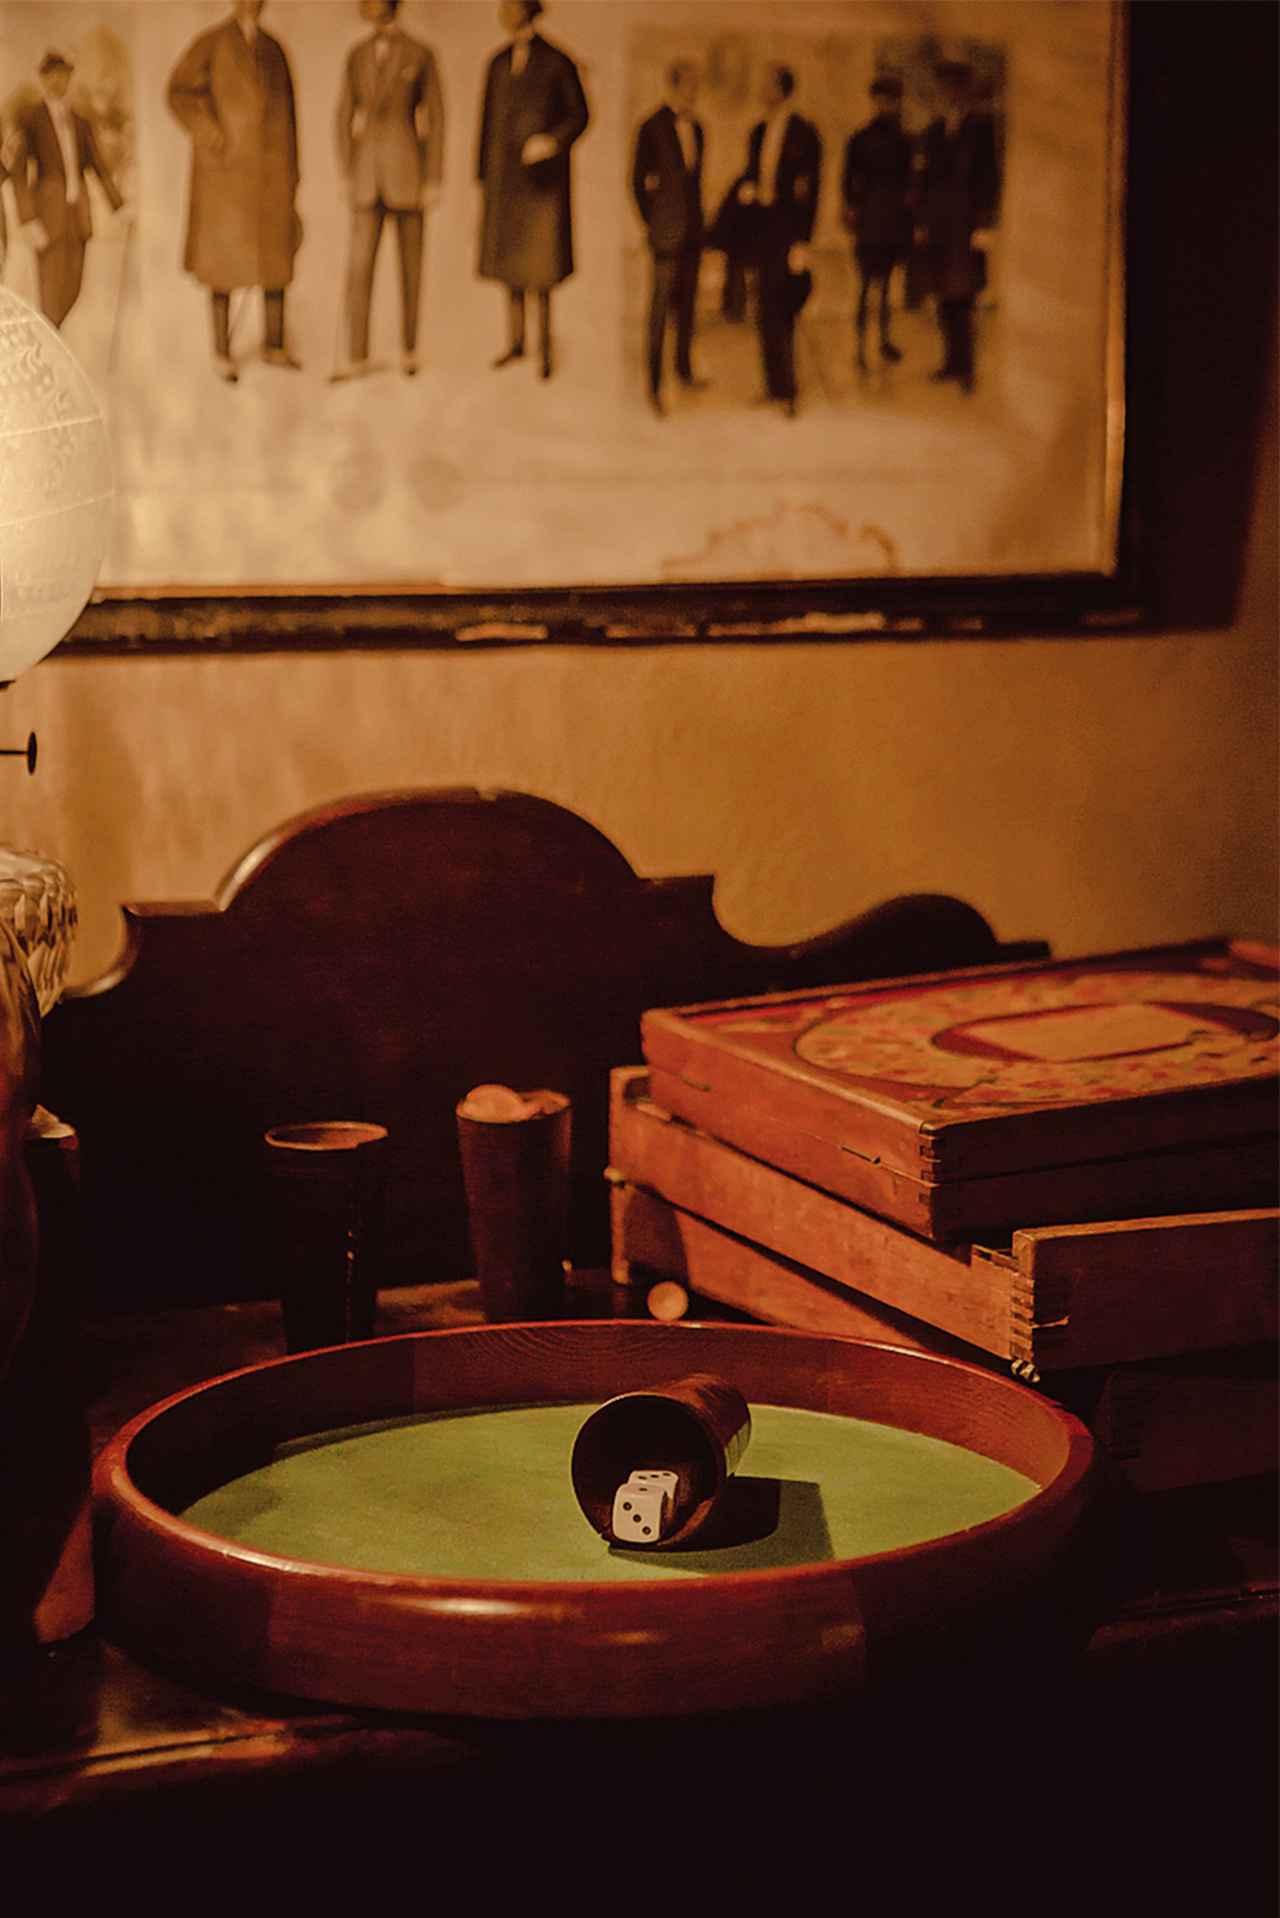 画像 : 3番目の画像 - 「ミモザの香りと砂丘に導かれ、 フランスにおけるケープ・コッド カップ・フェレ半島へ」のアルバム - T JAPAN:The New York Times Style Magazine 公式サイト